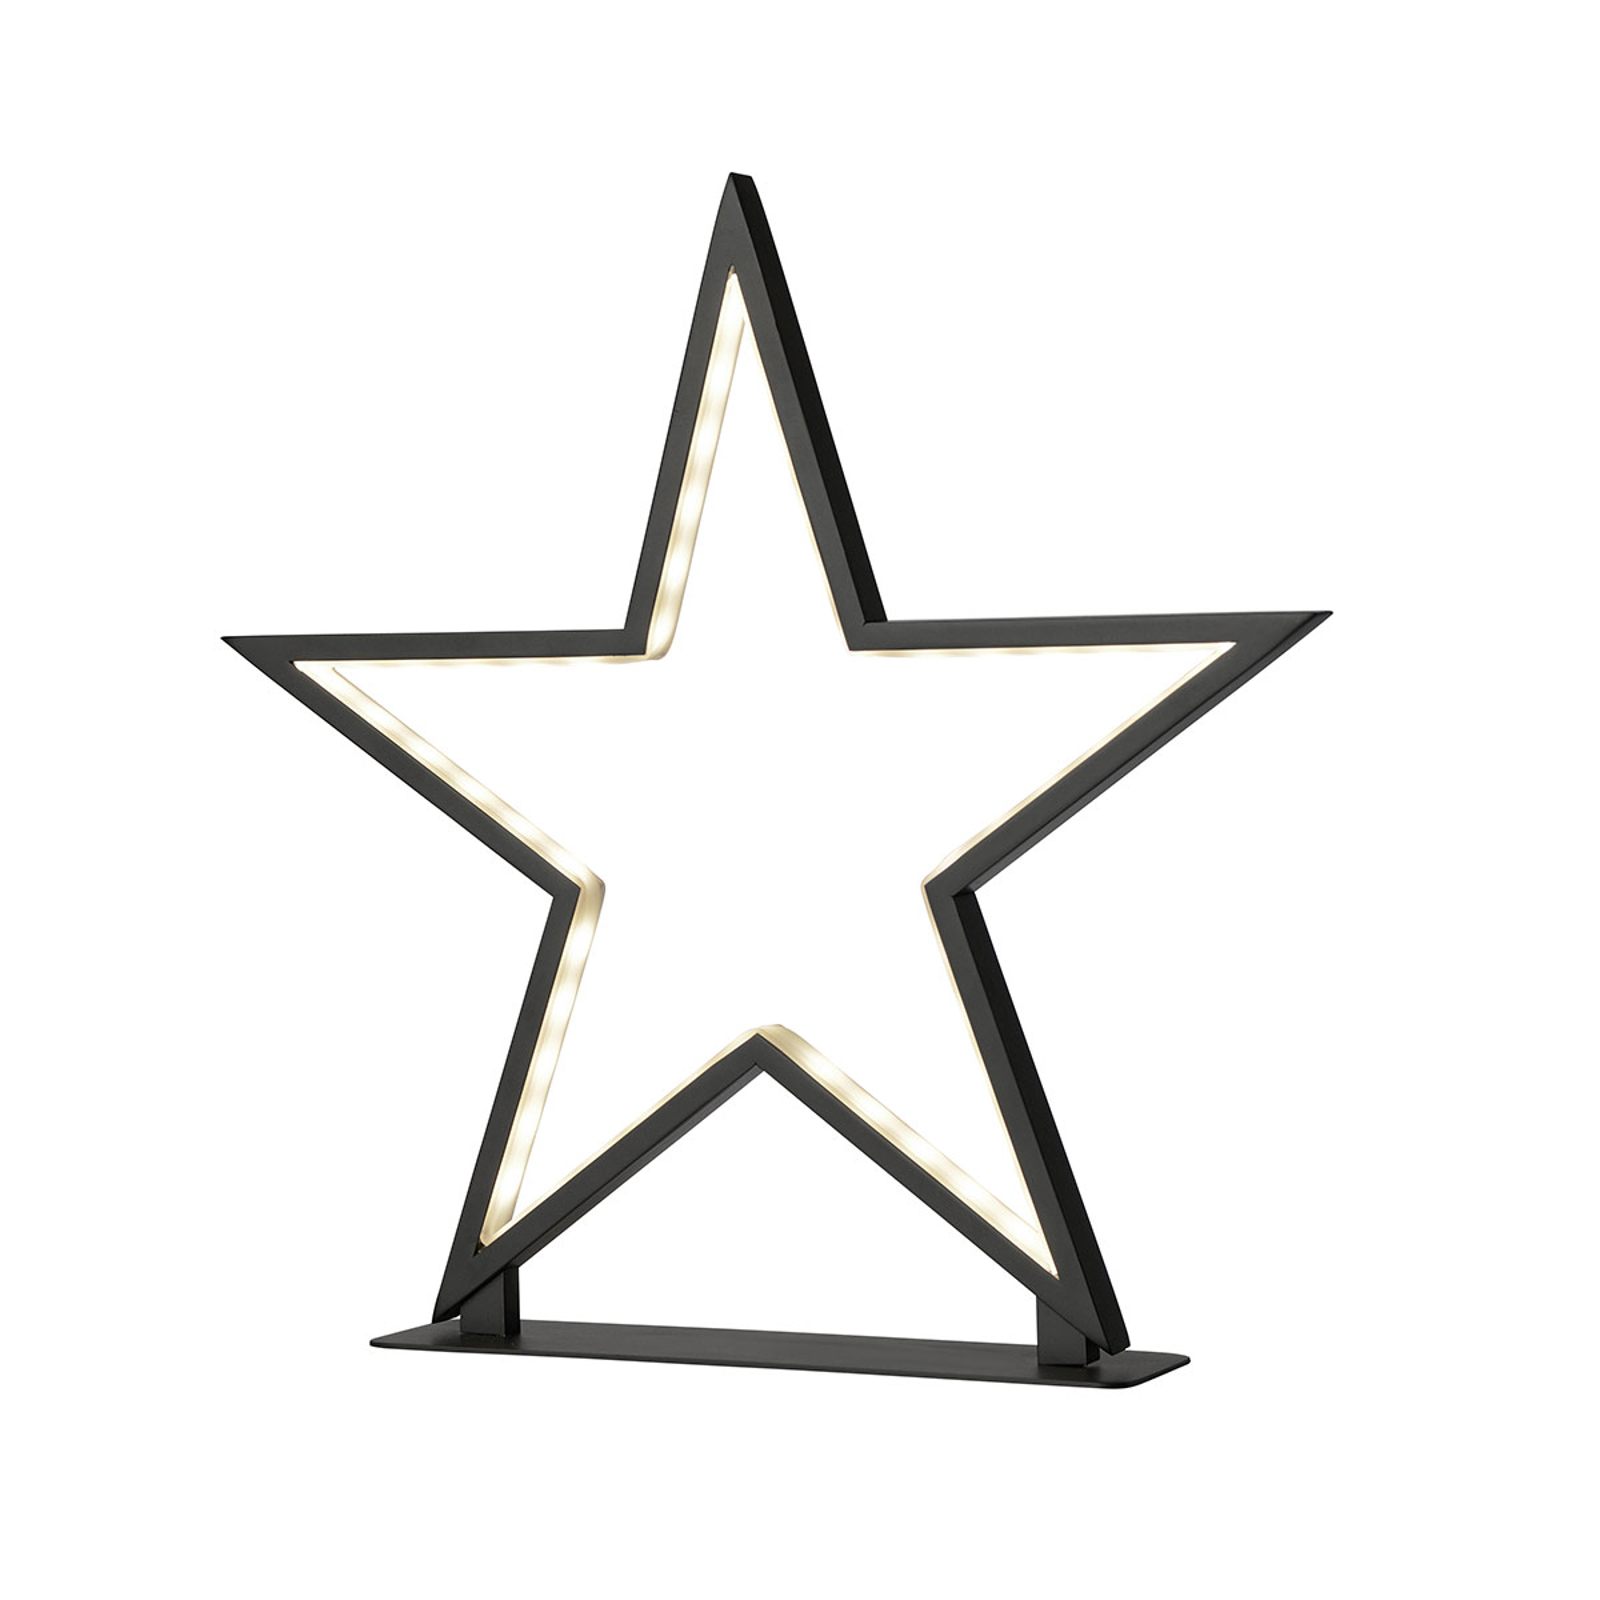 Schwarzer Aluminium-Stern Lucy Höhe 33 cm